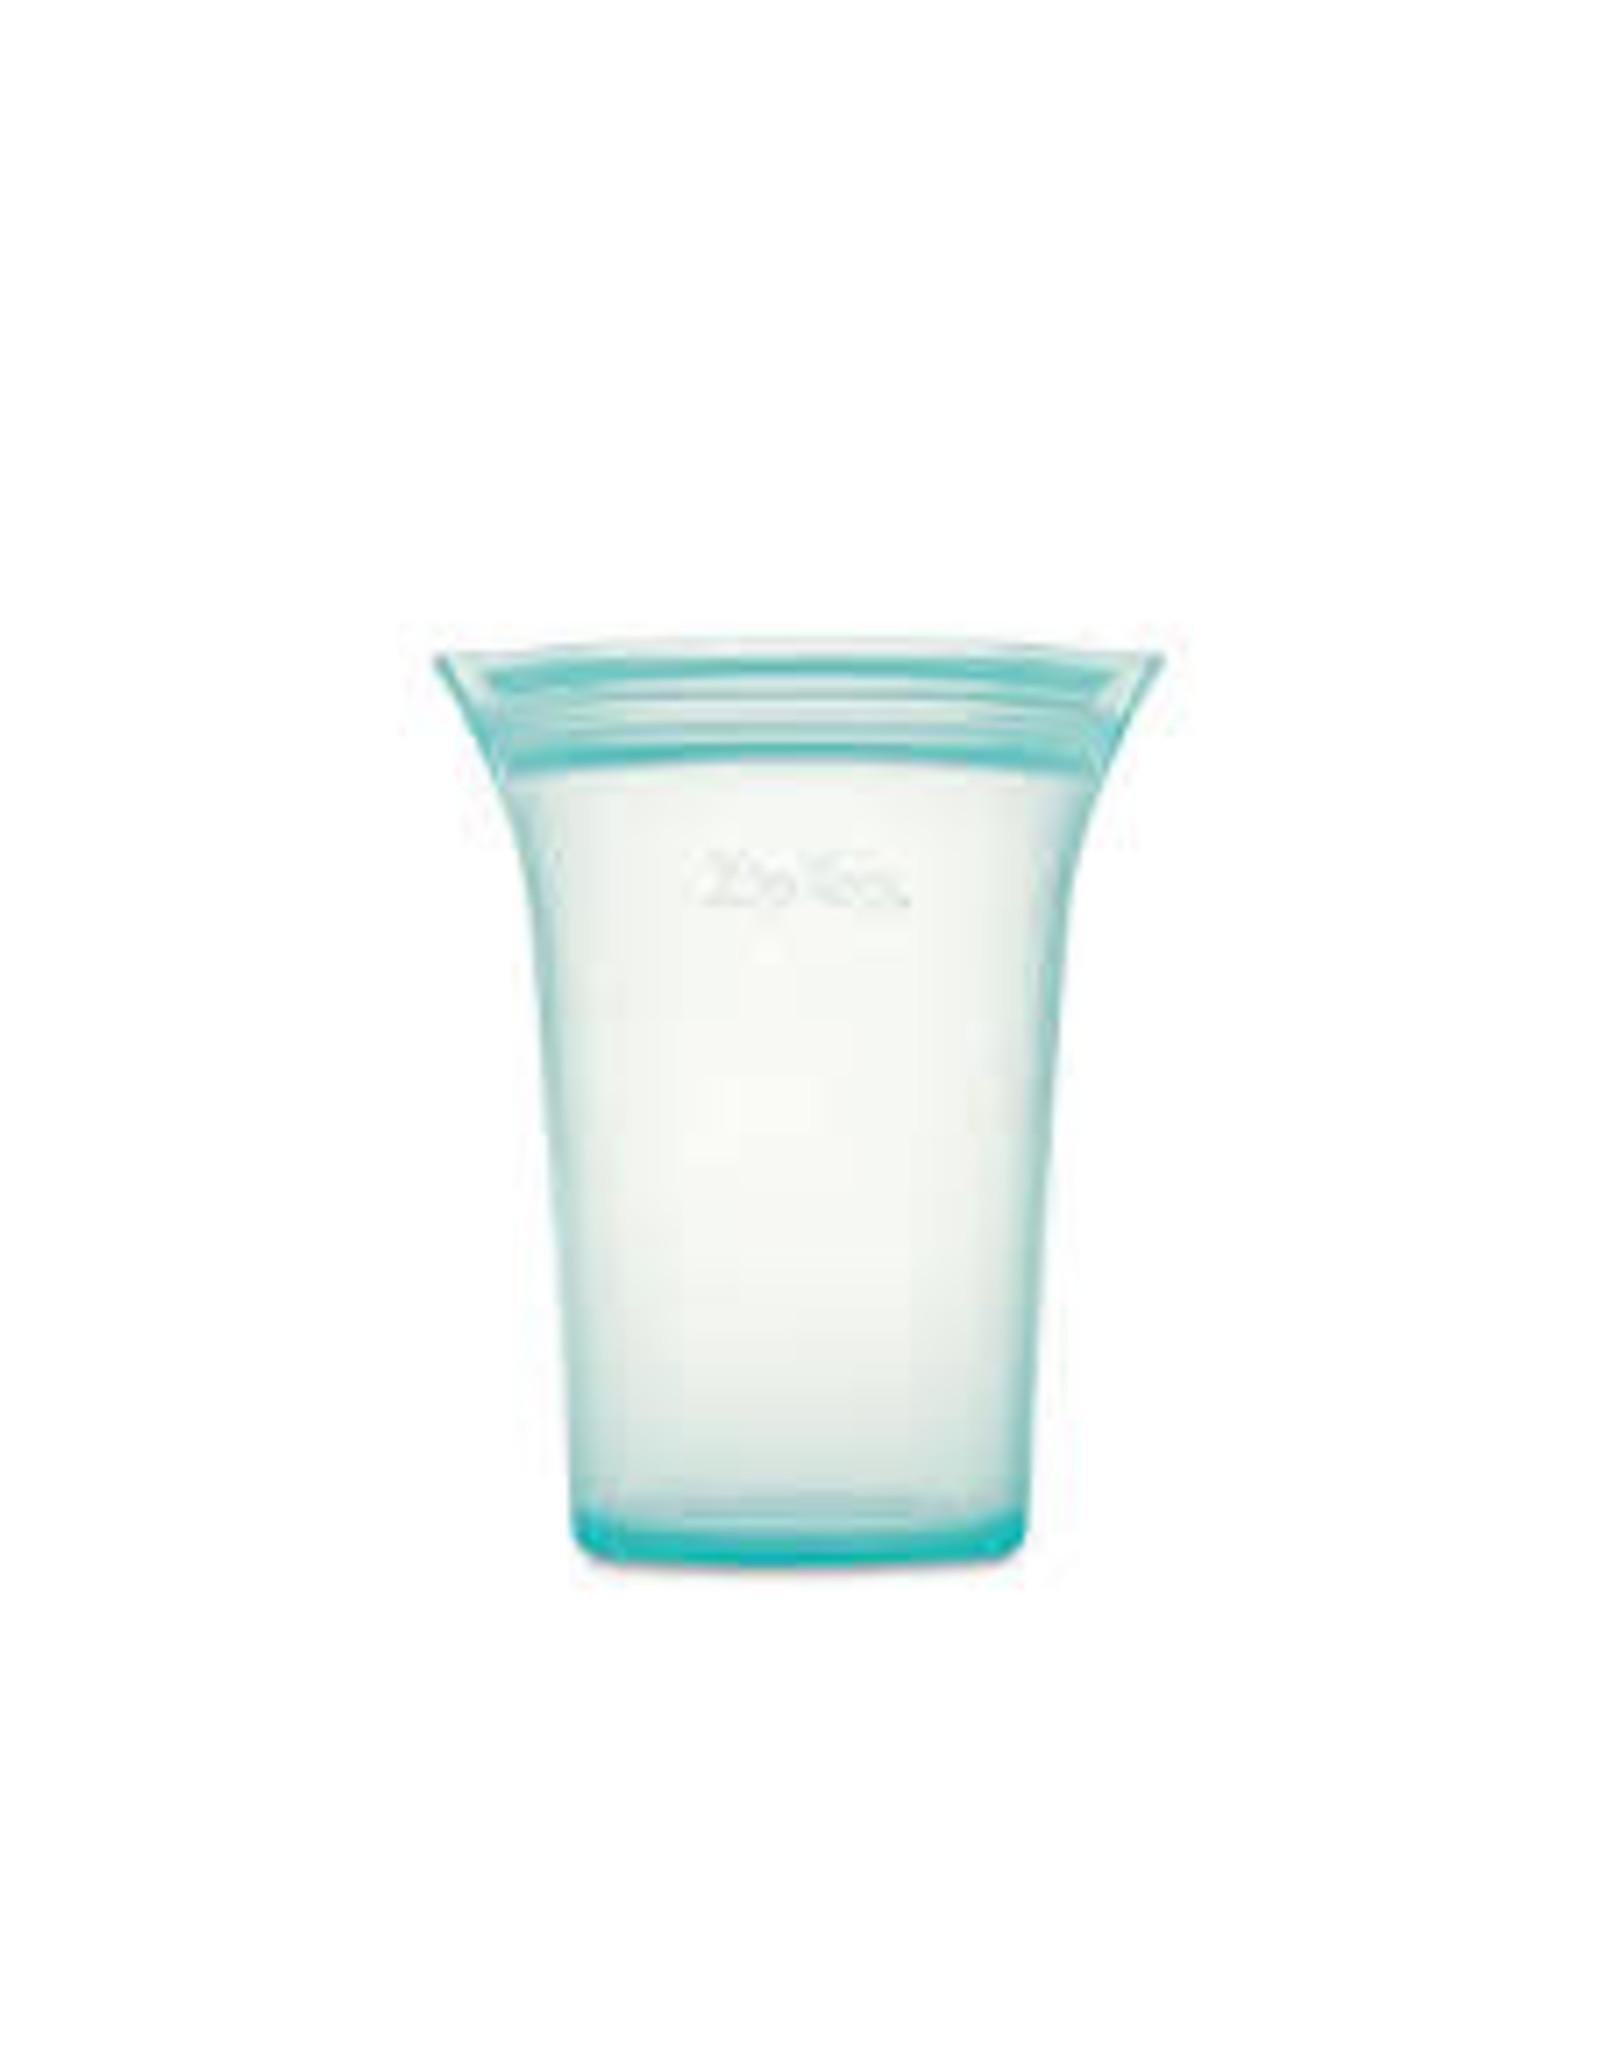 Ziptop Zip Top - Medium Cup - Teal